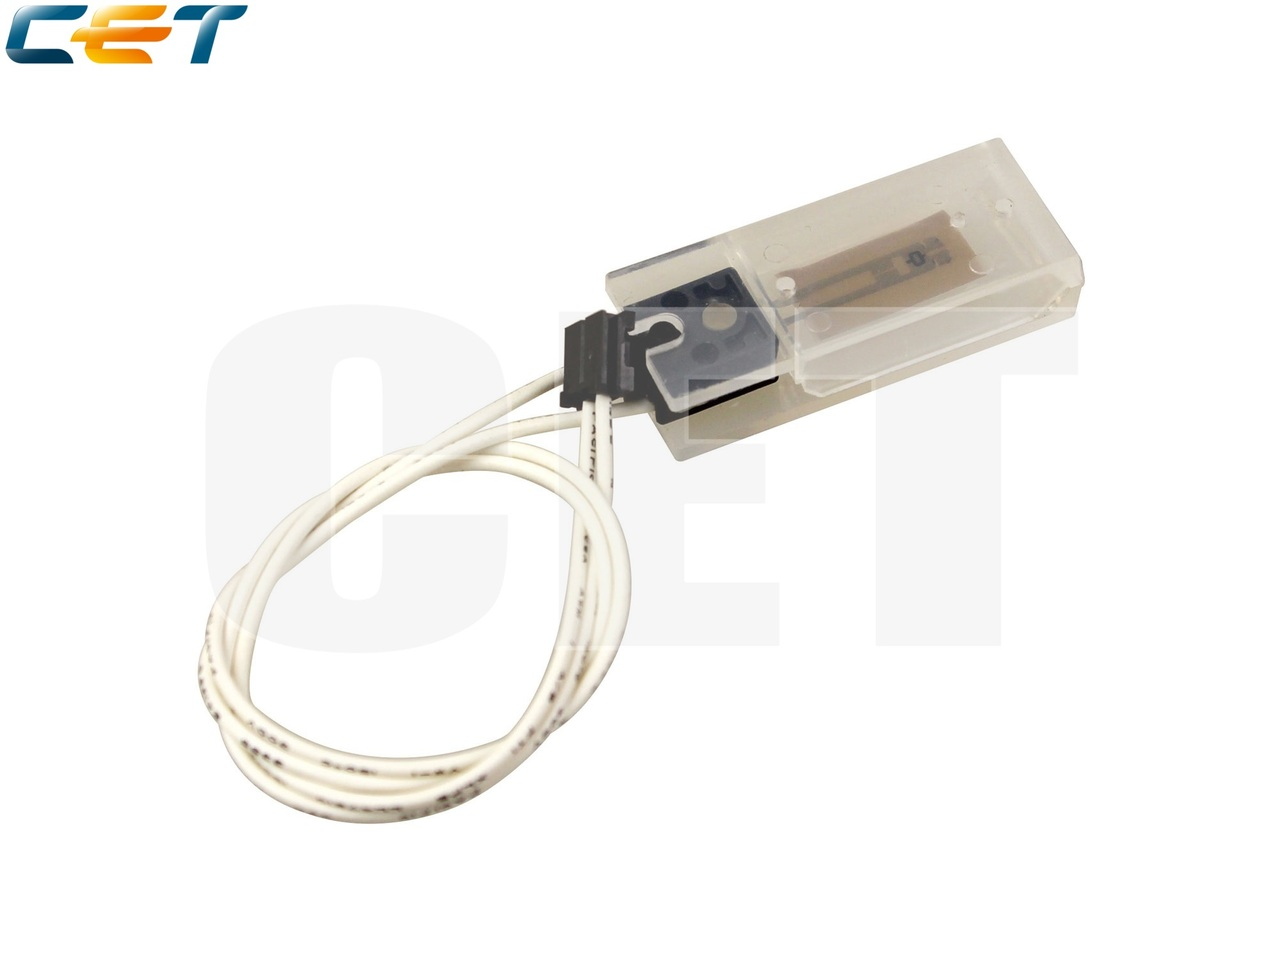 Термистор для LEXMARKMX710/MX711/MX810/MX811/MX812/MS810/MS811/MS812(CET), CET2830